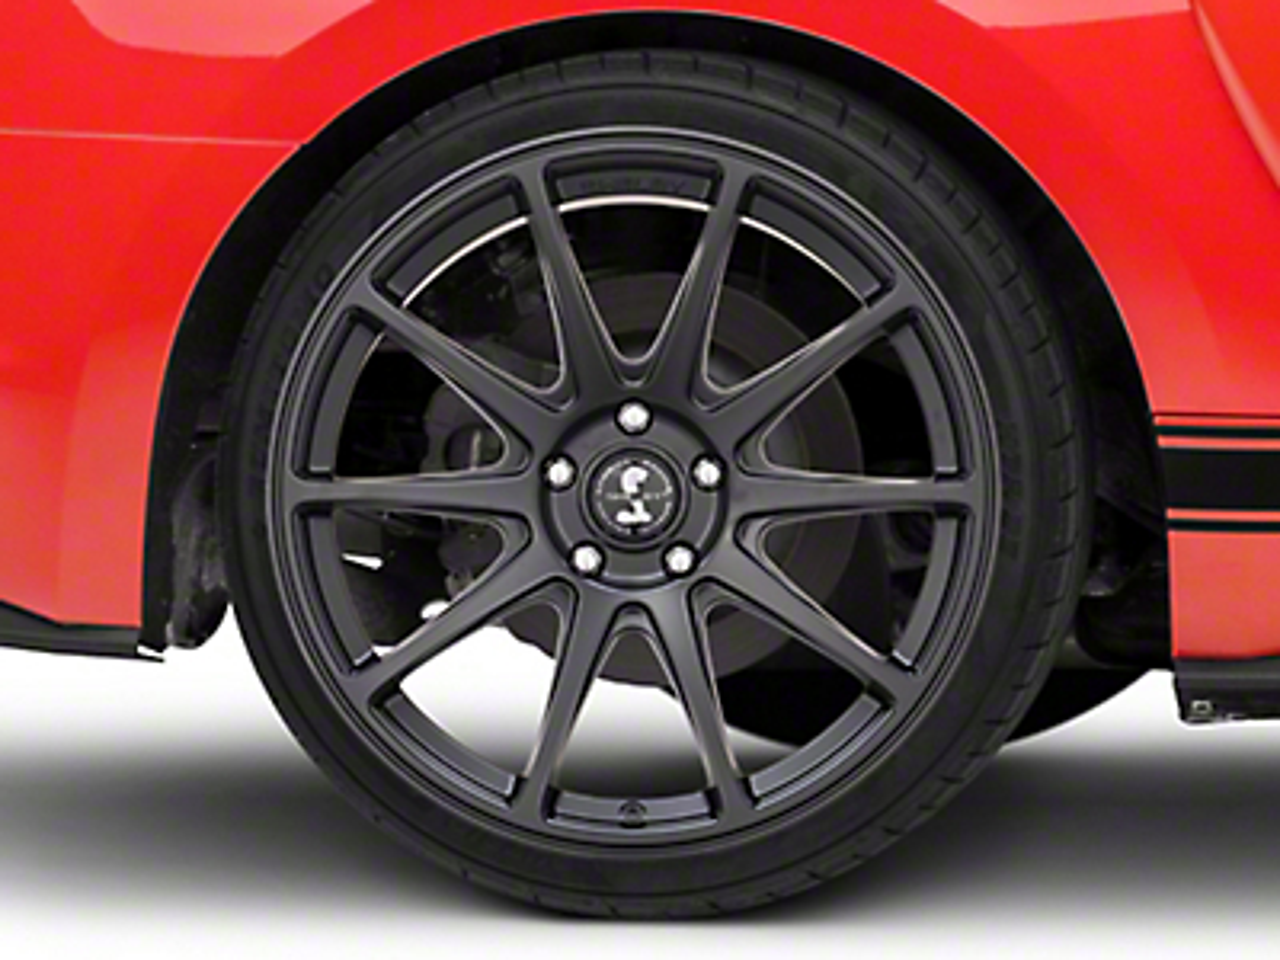 Shelby Style SB203 Satin Black Wheel - 19x10.5 (15-19 GT, EcoBoost, V6)